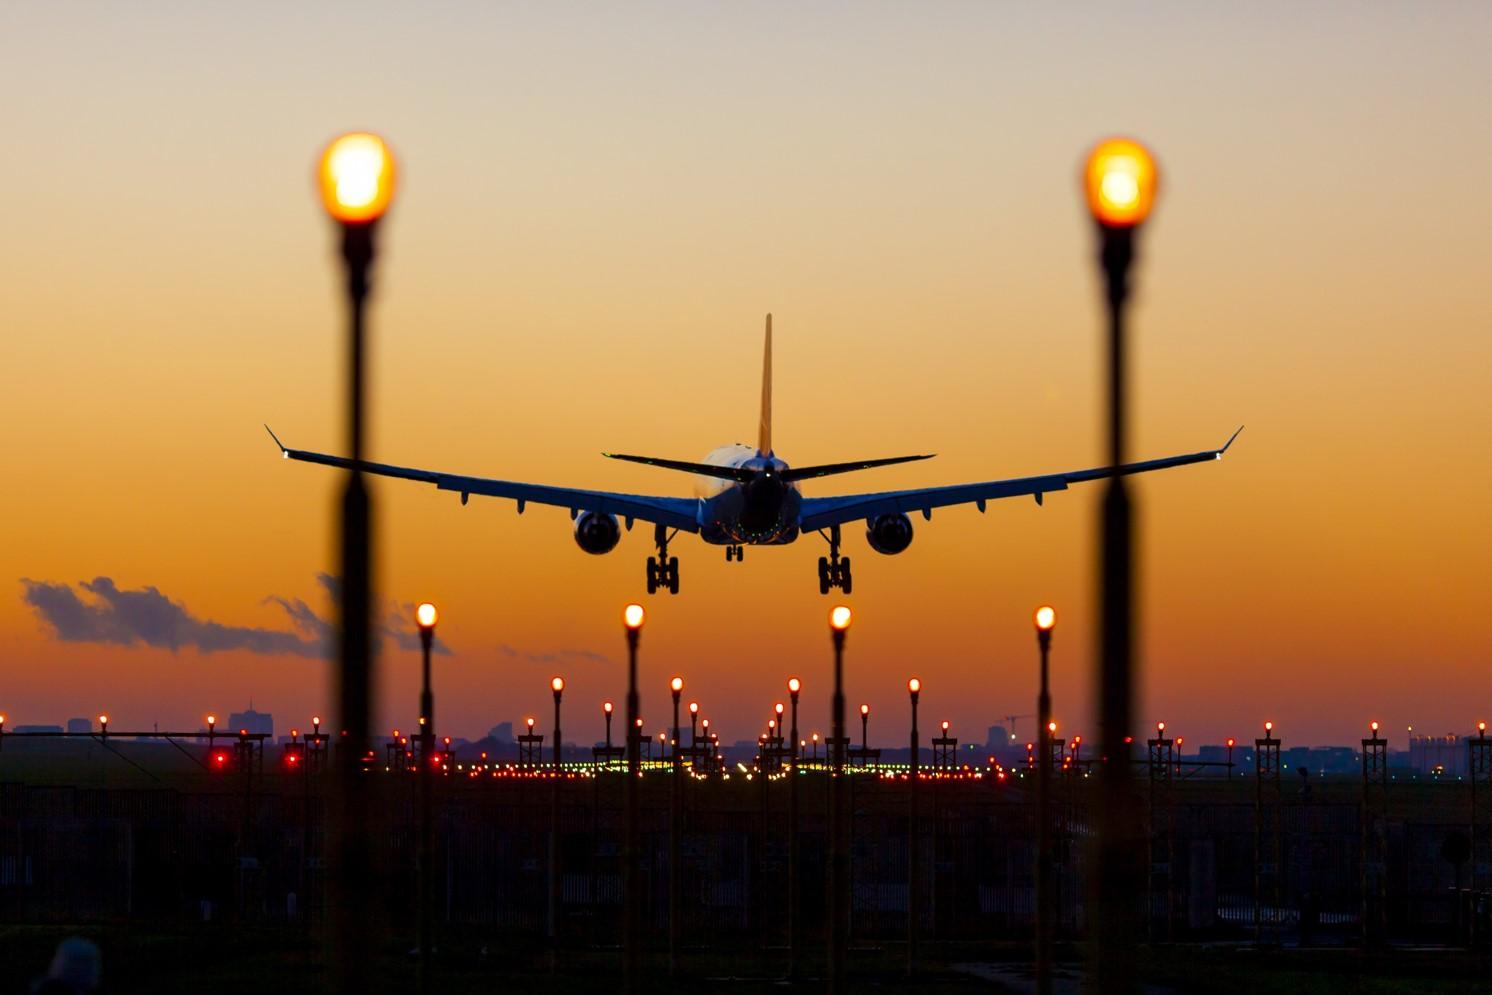 Dostawcy komponentów dla przemysłu lotniczego poszukiwani w Niemczech